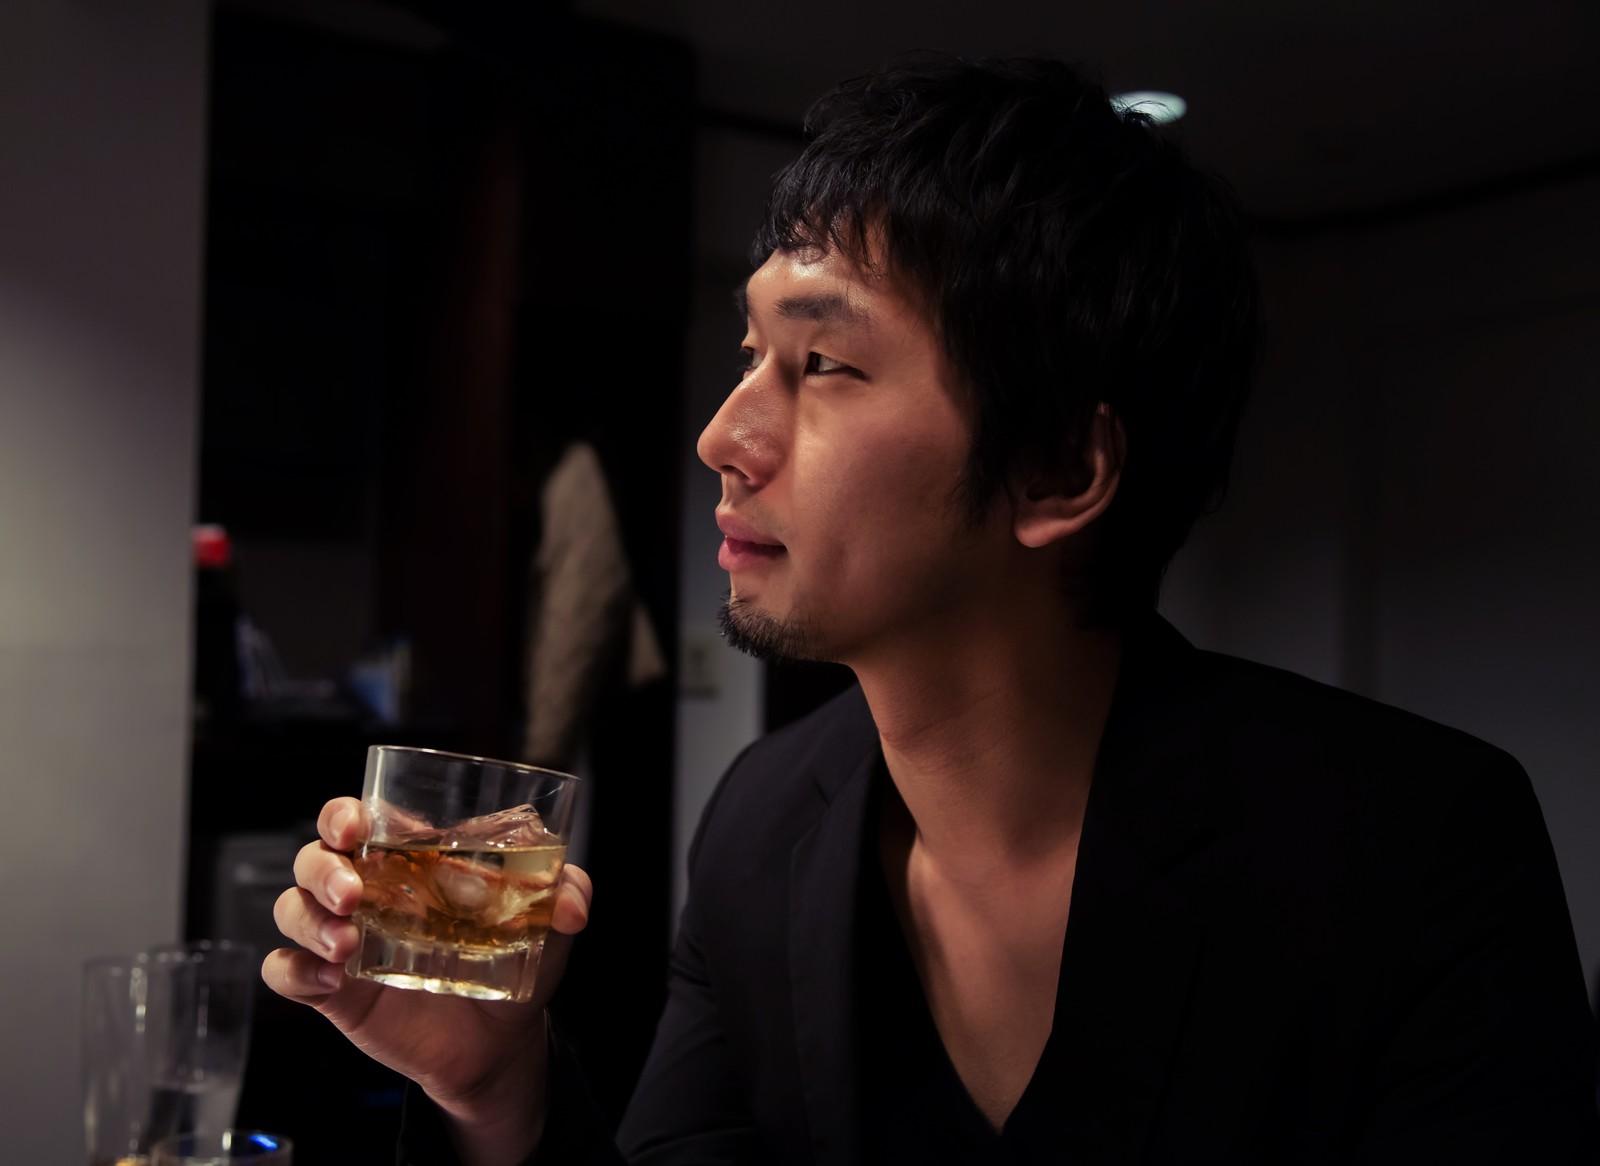 【カラオケ】声量のコントロールができないから飲み屋じゃ歌いづらいなぁ